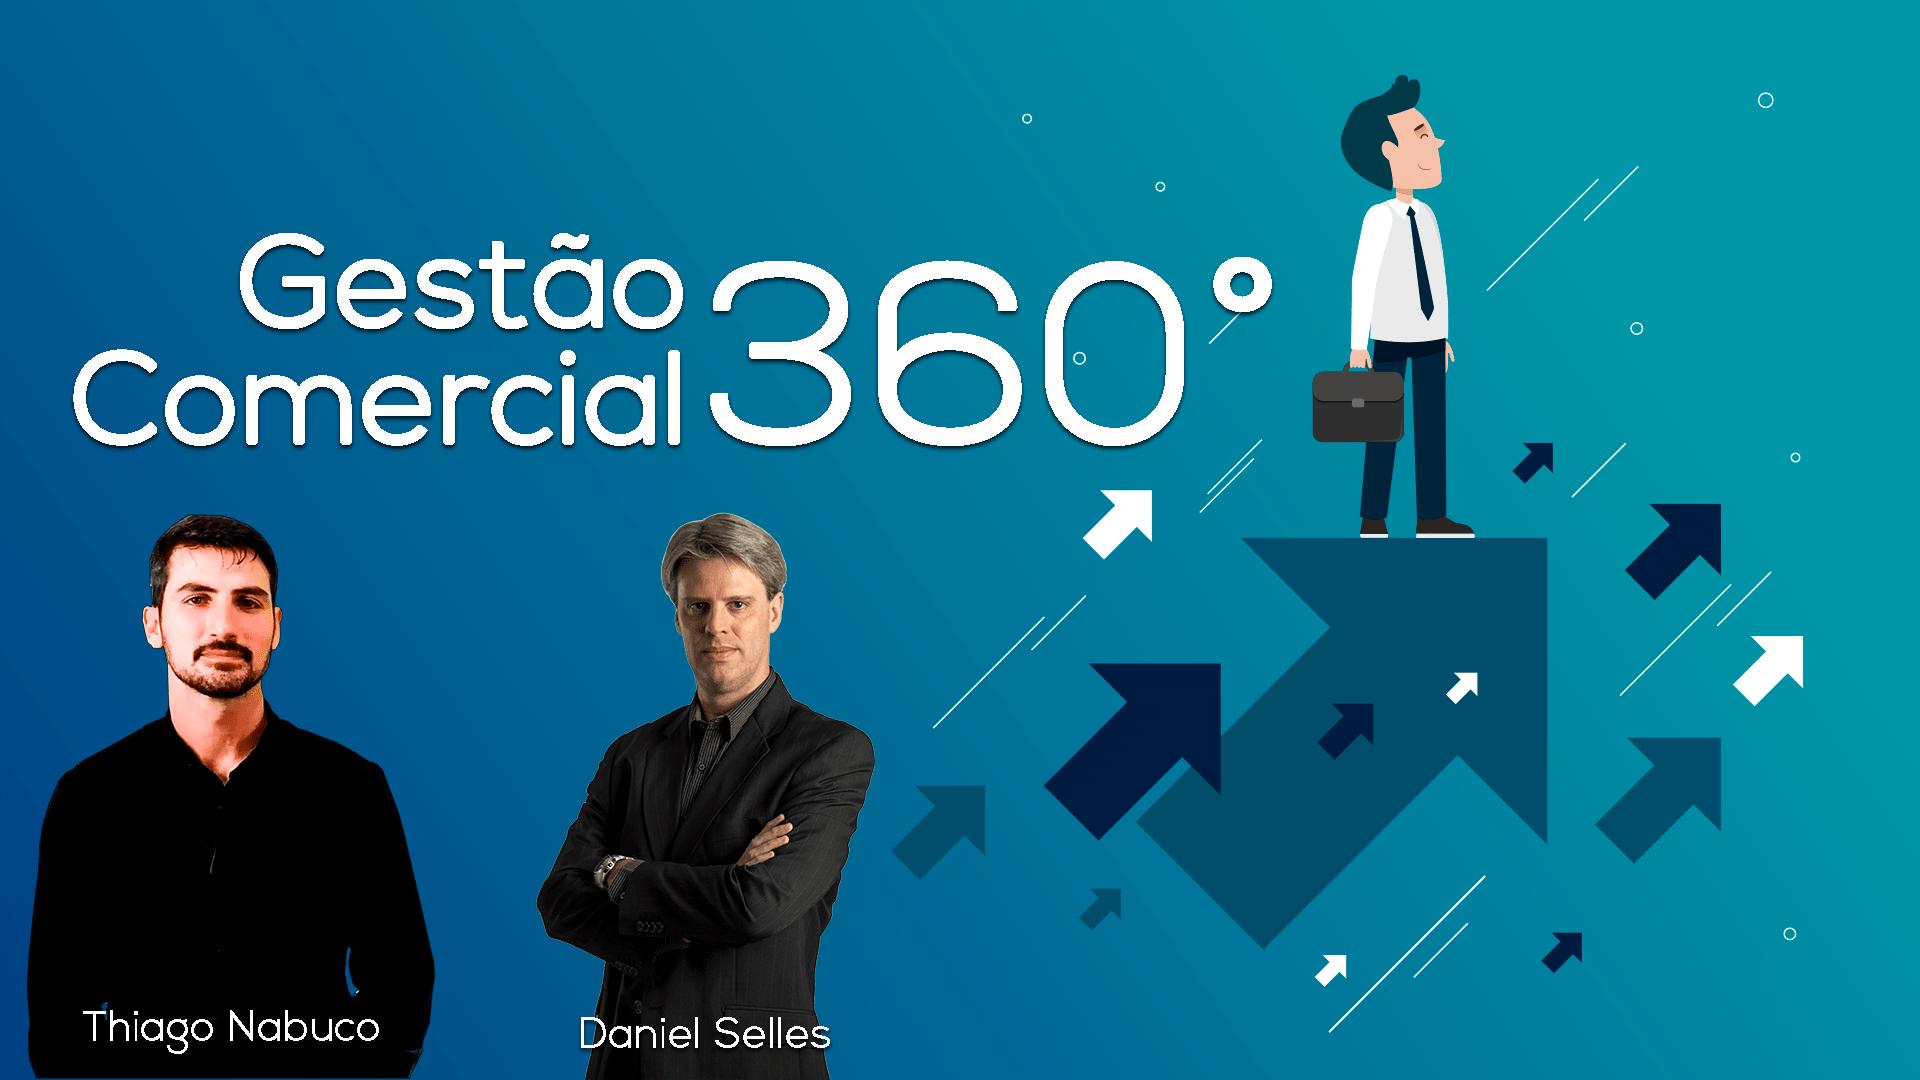 Gestão Comercial 360 Graus